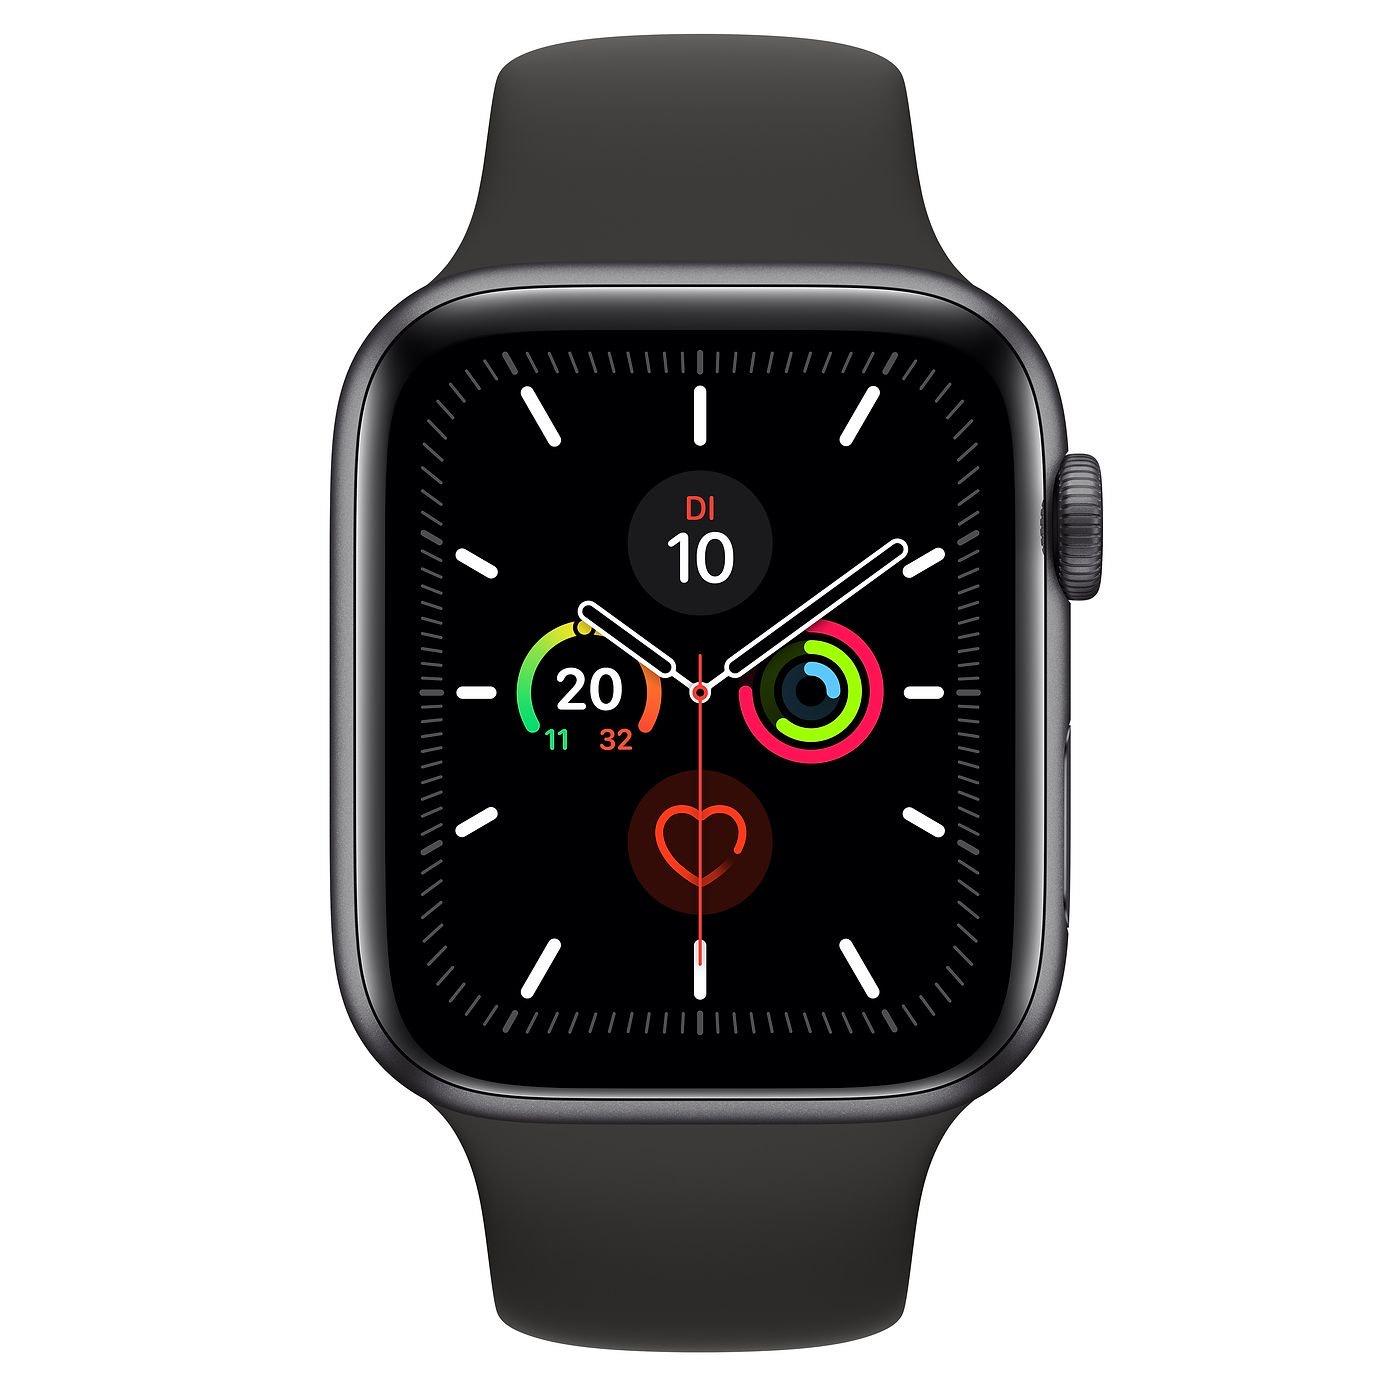 [Personalisiert] 40€ Gutschrift mit AMEX beim Kauf einer Apple Watch Series 5 ab 449€ [nur bei apple.com]